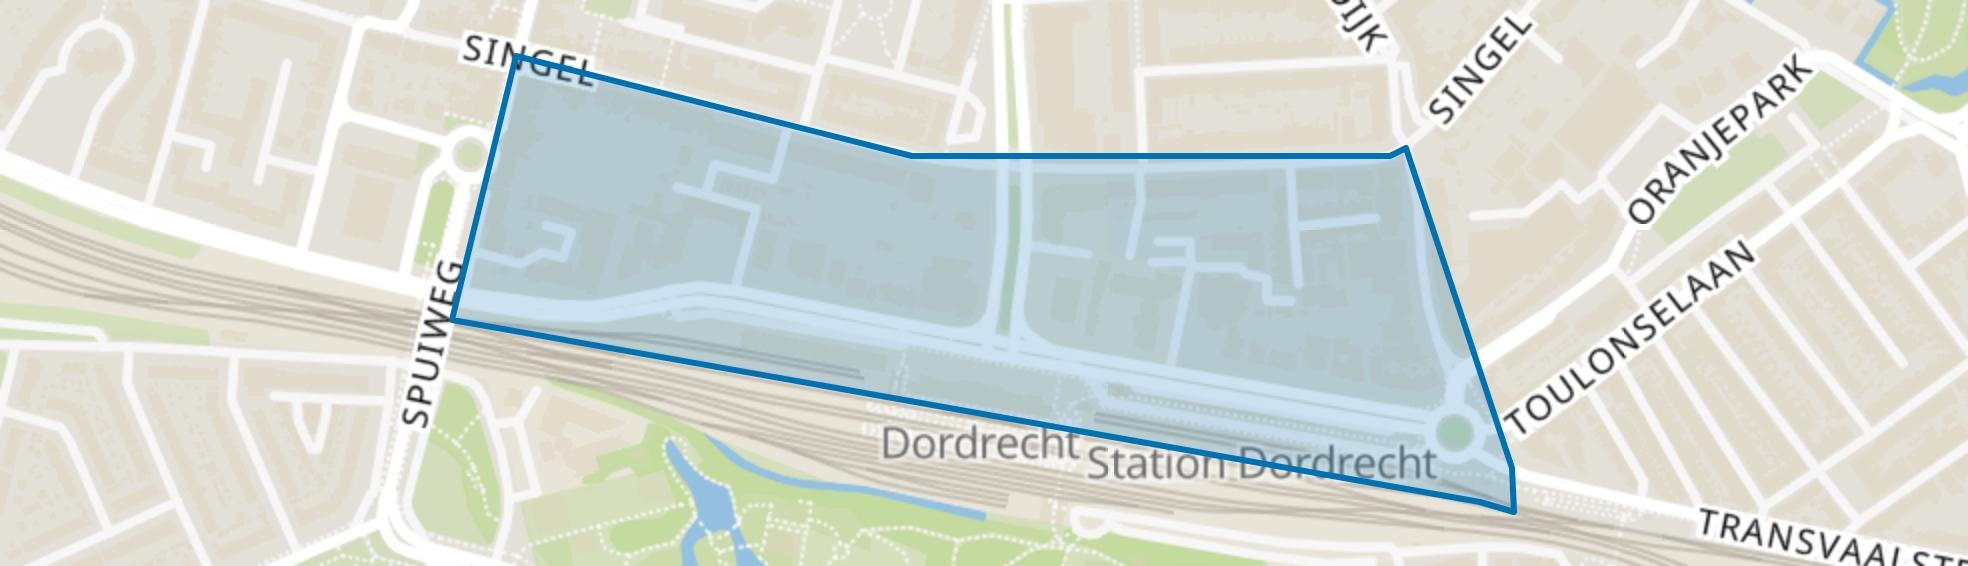 Burgemeester de Raadtsingel en omgeving, Dordrecht map